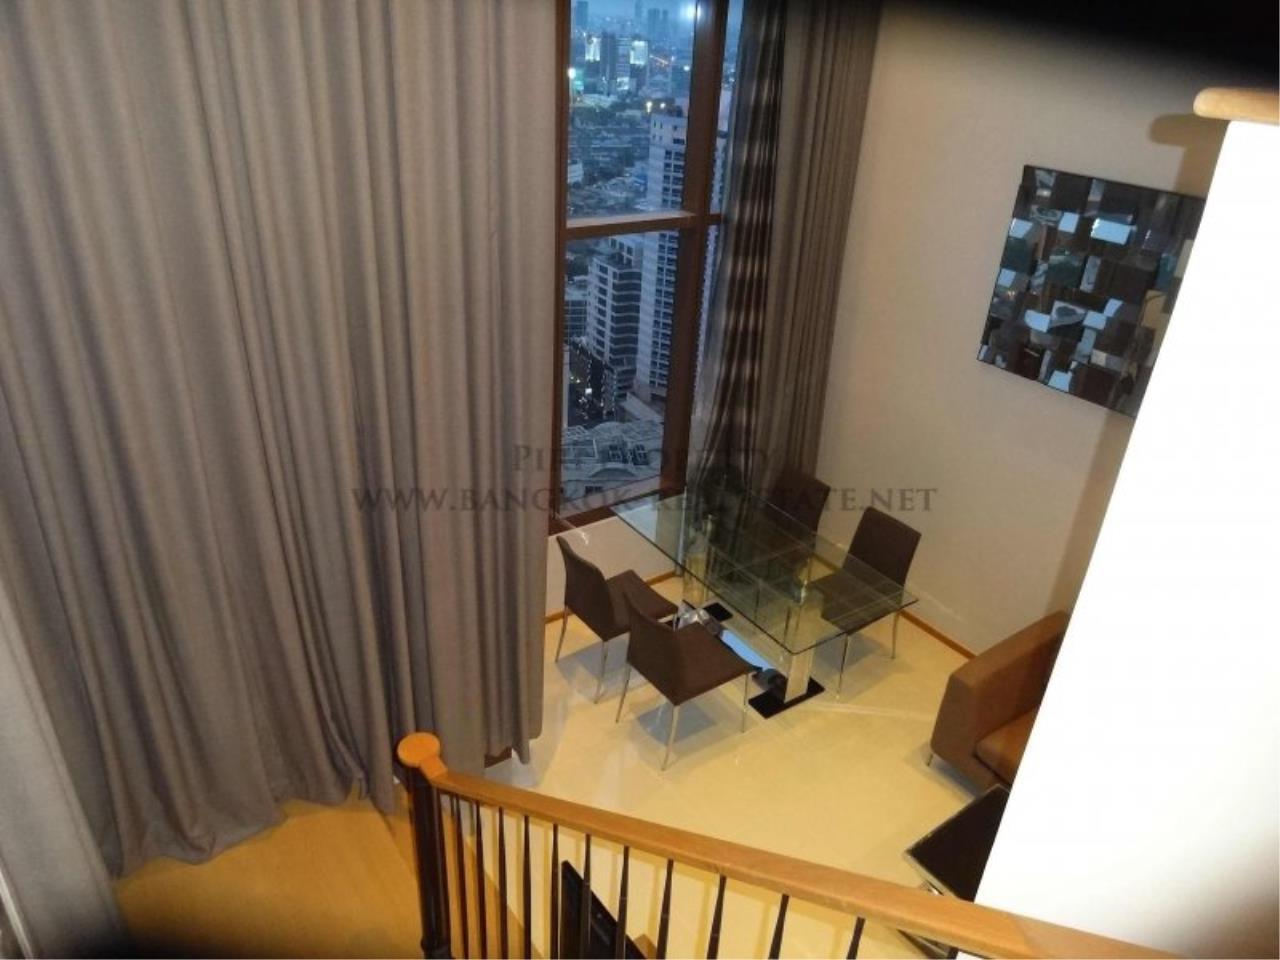 Piri Property Agency's Duplex Condo in the Emporio Place Condominium - Phrom Phong 7